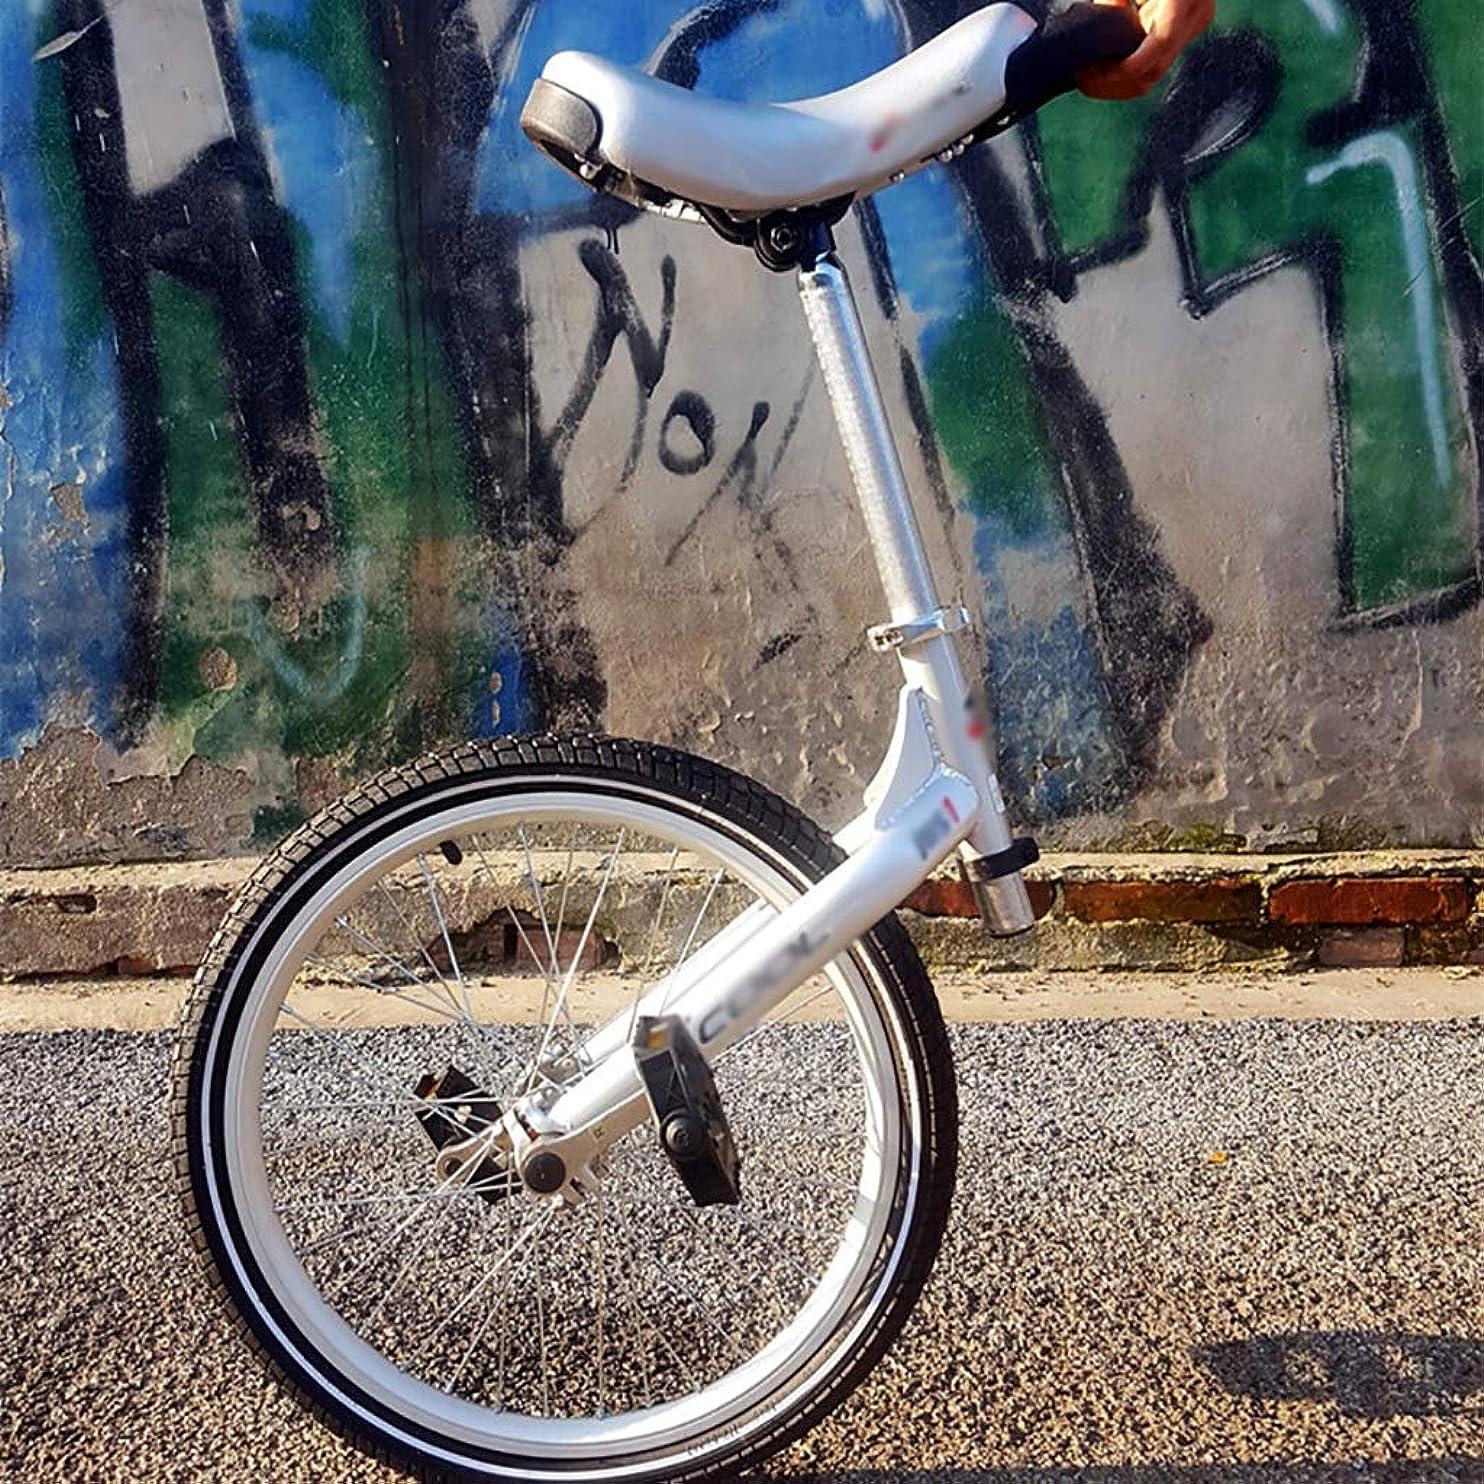 早熟手荷物ベアリング子ども用自転車 50センチ手押し車バランス車スポーツ車子供大人一輪車フィットネス旅行アクロバット一輪車自転車を失う、旅行、体力を向上させる (色 : 白, サイズ さいず : 50 cm 50 cm)